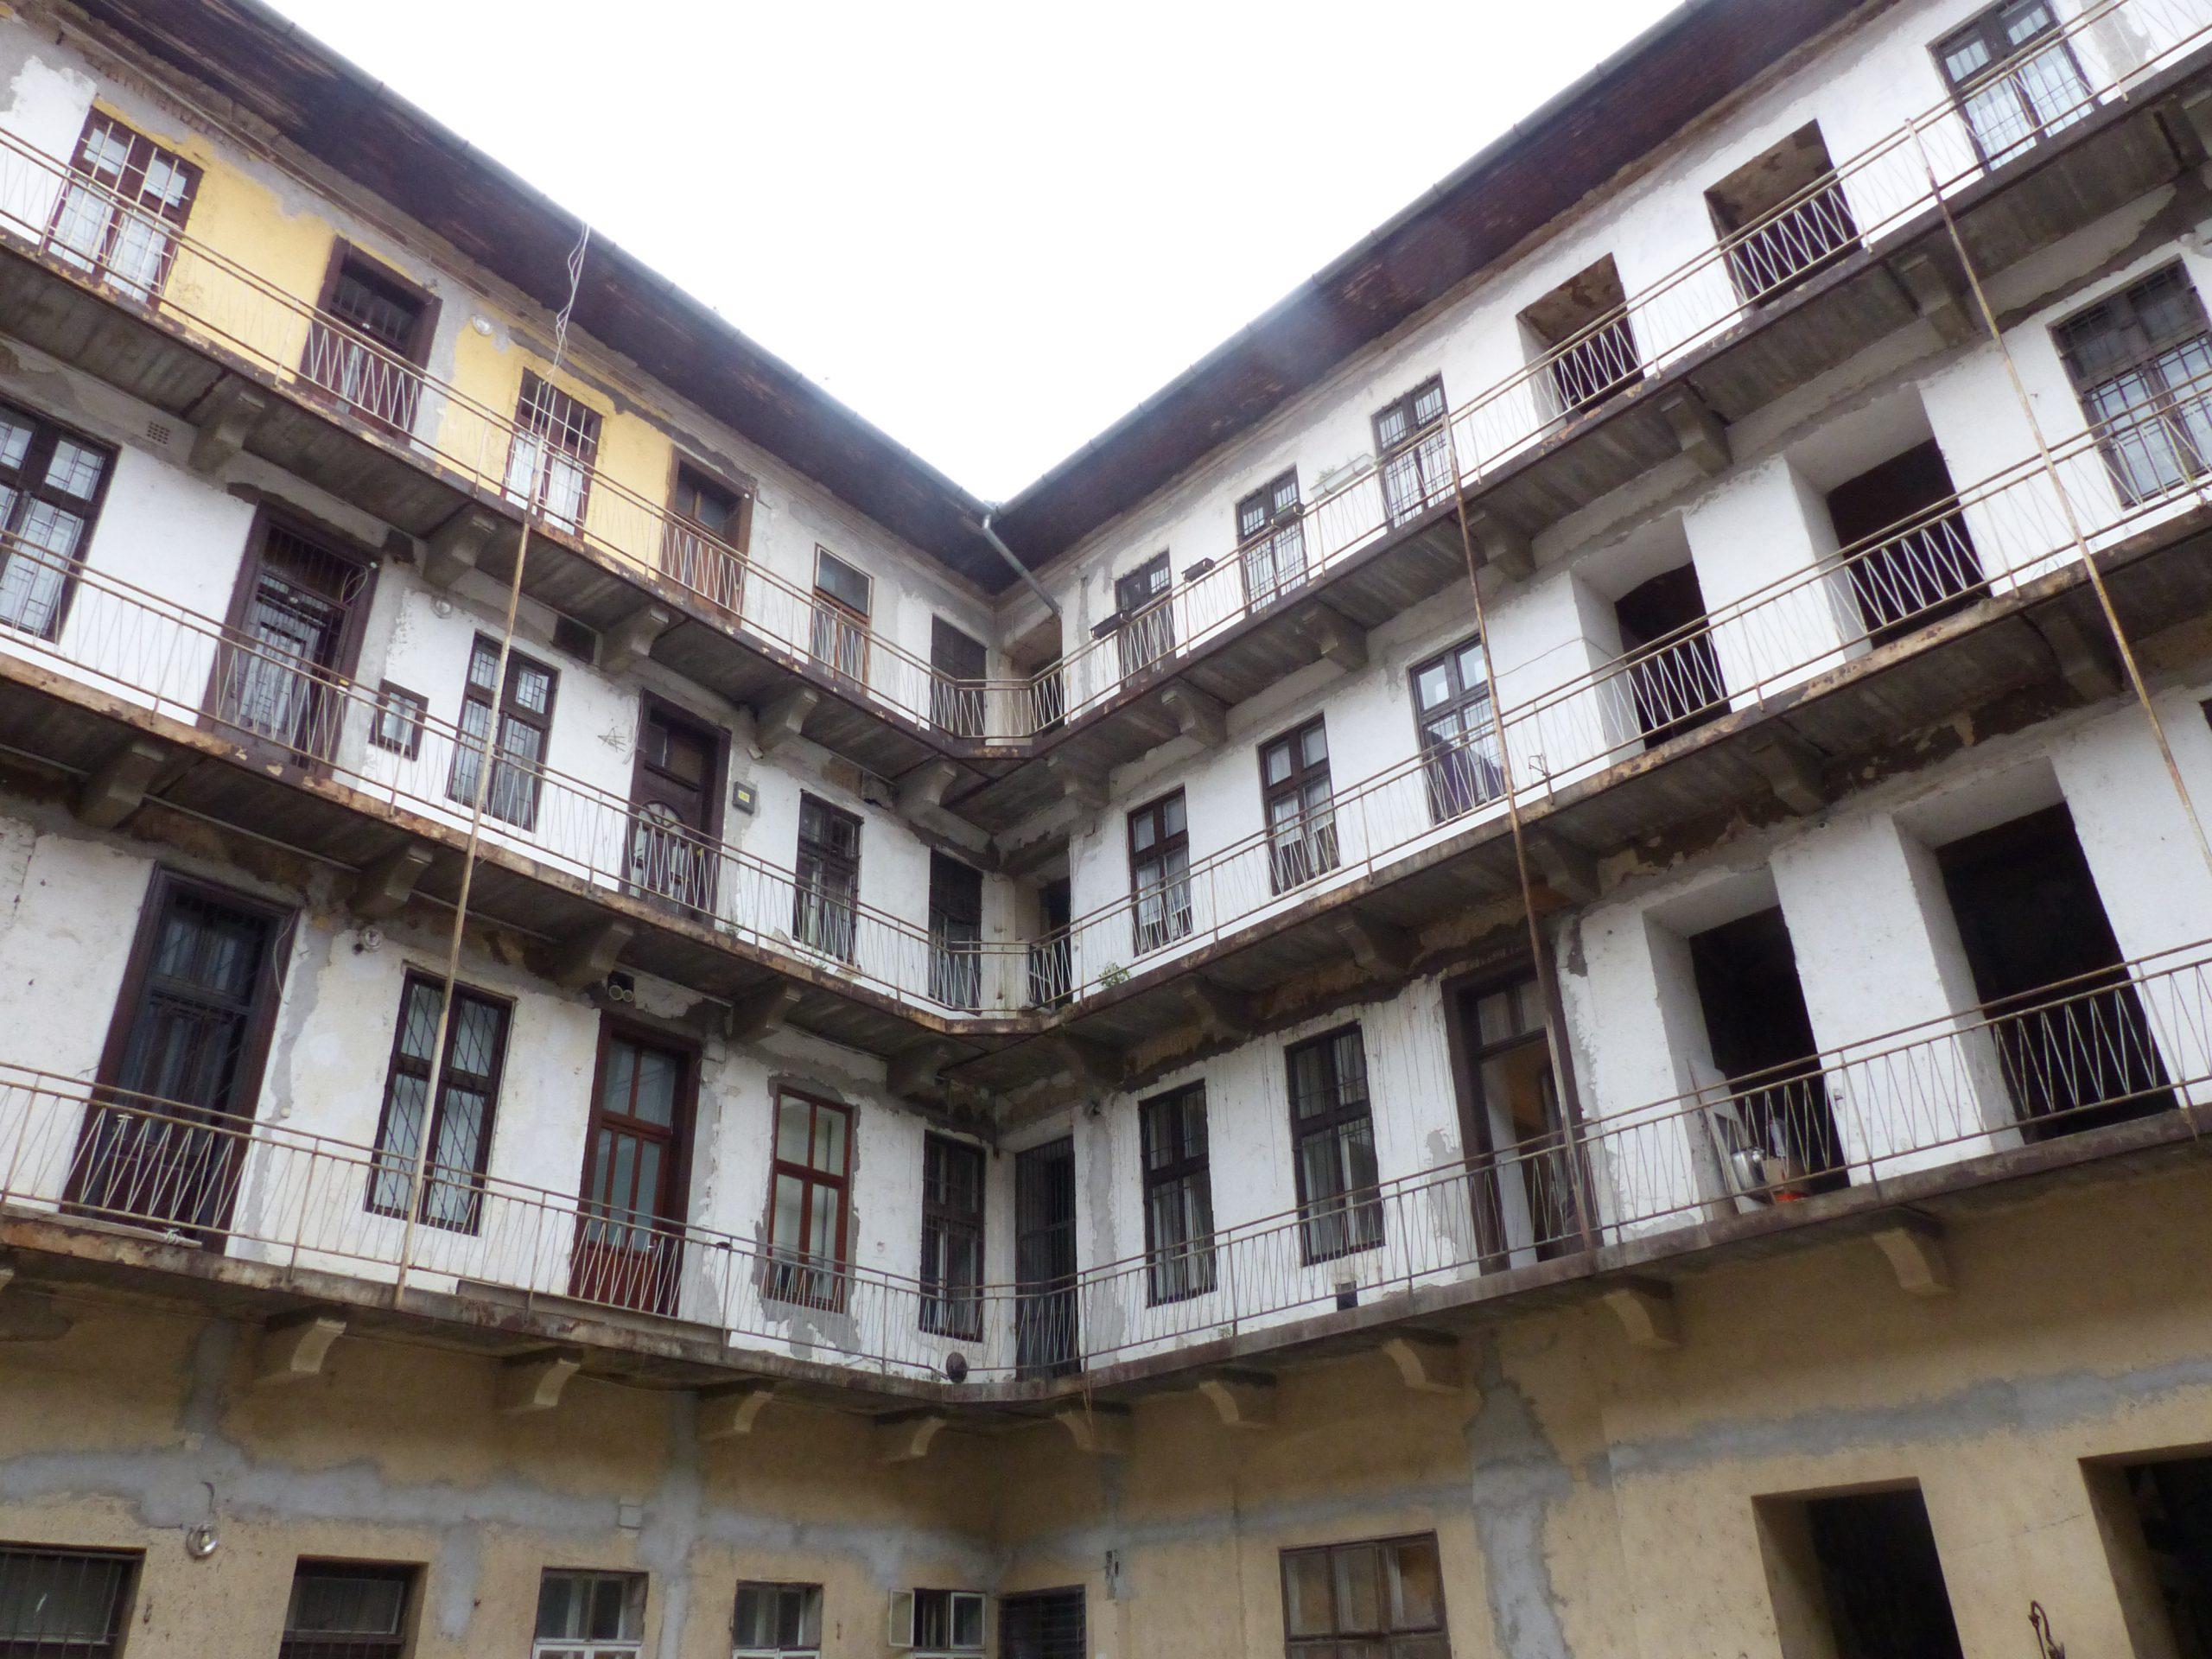 MUSEO MEMORIAL DEL HOLOCAUSTO DE BUDADEST, HUNGRÍA